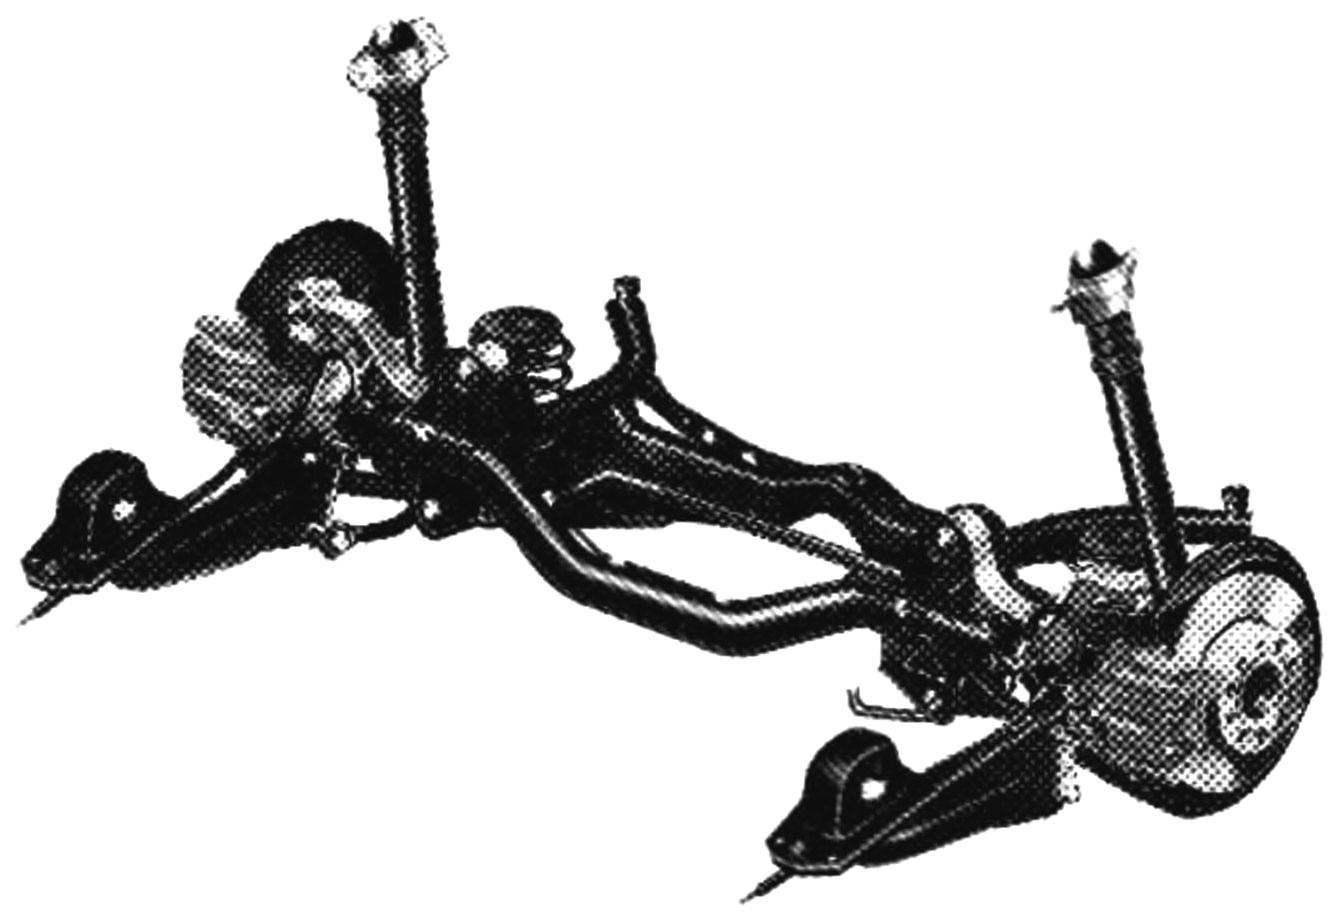 Multi-link rear suspension of Skoda octavia